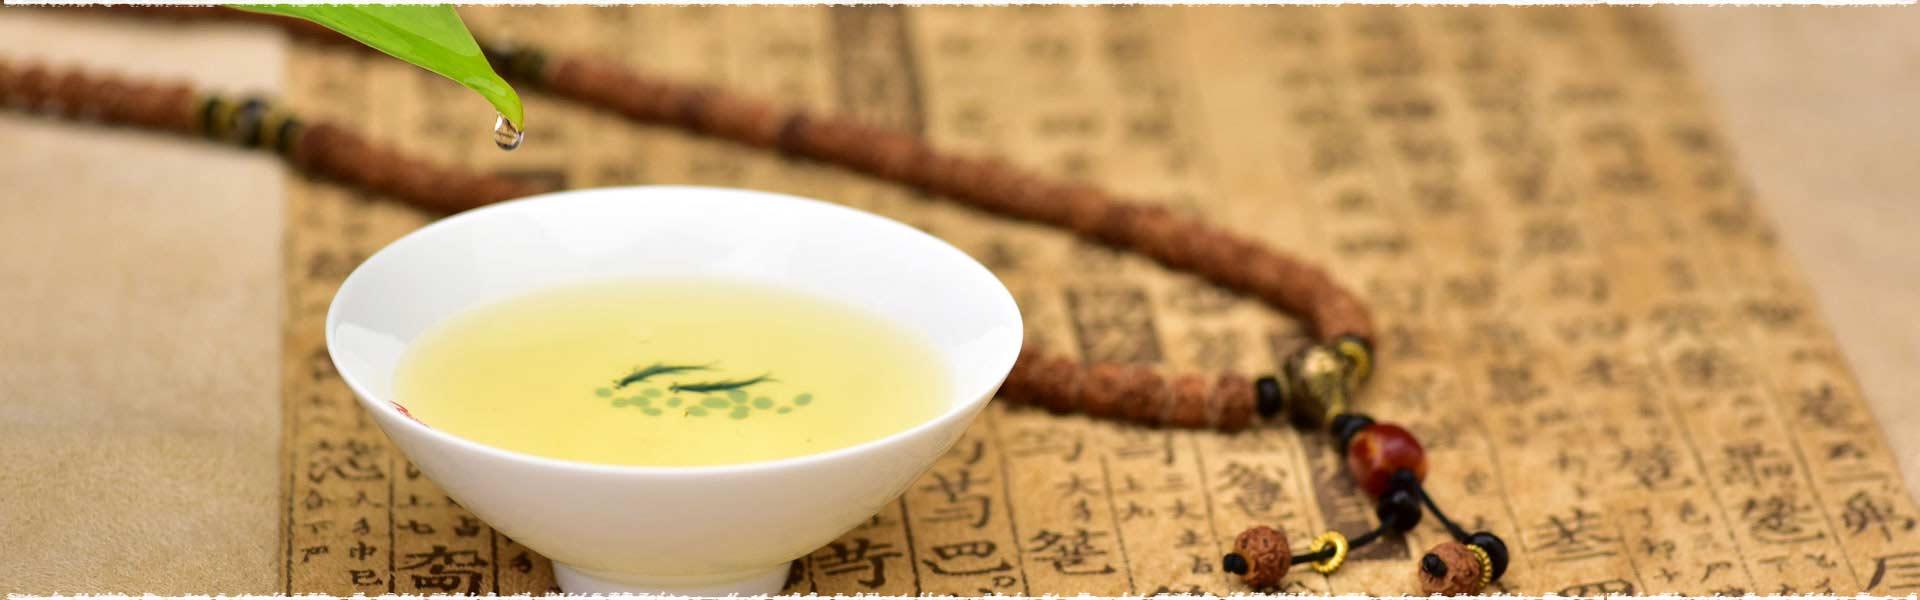 Le TieGuaYin selon la méthode Gong Fu Cha et en théière classique.